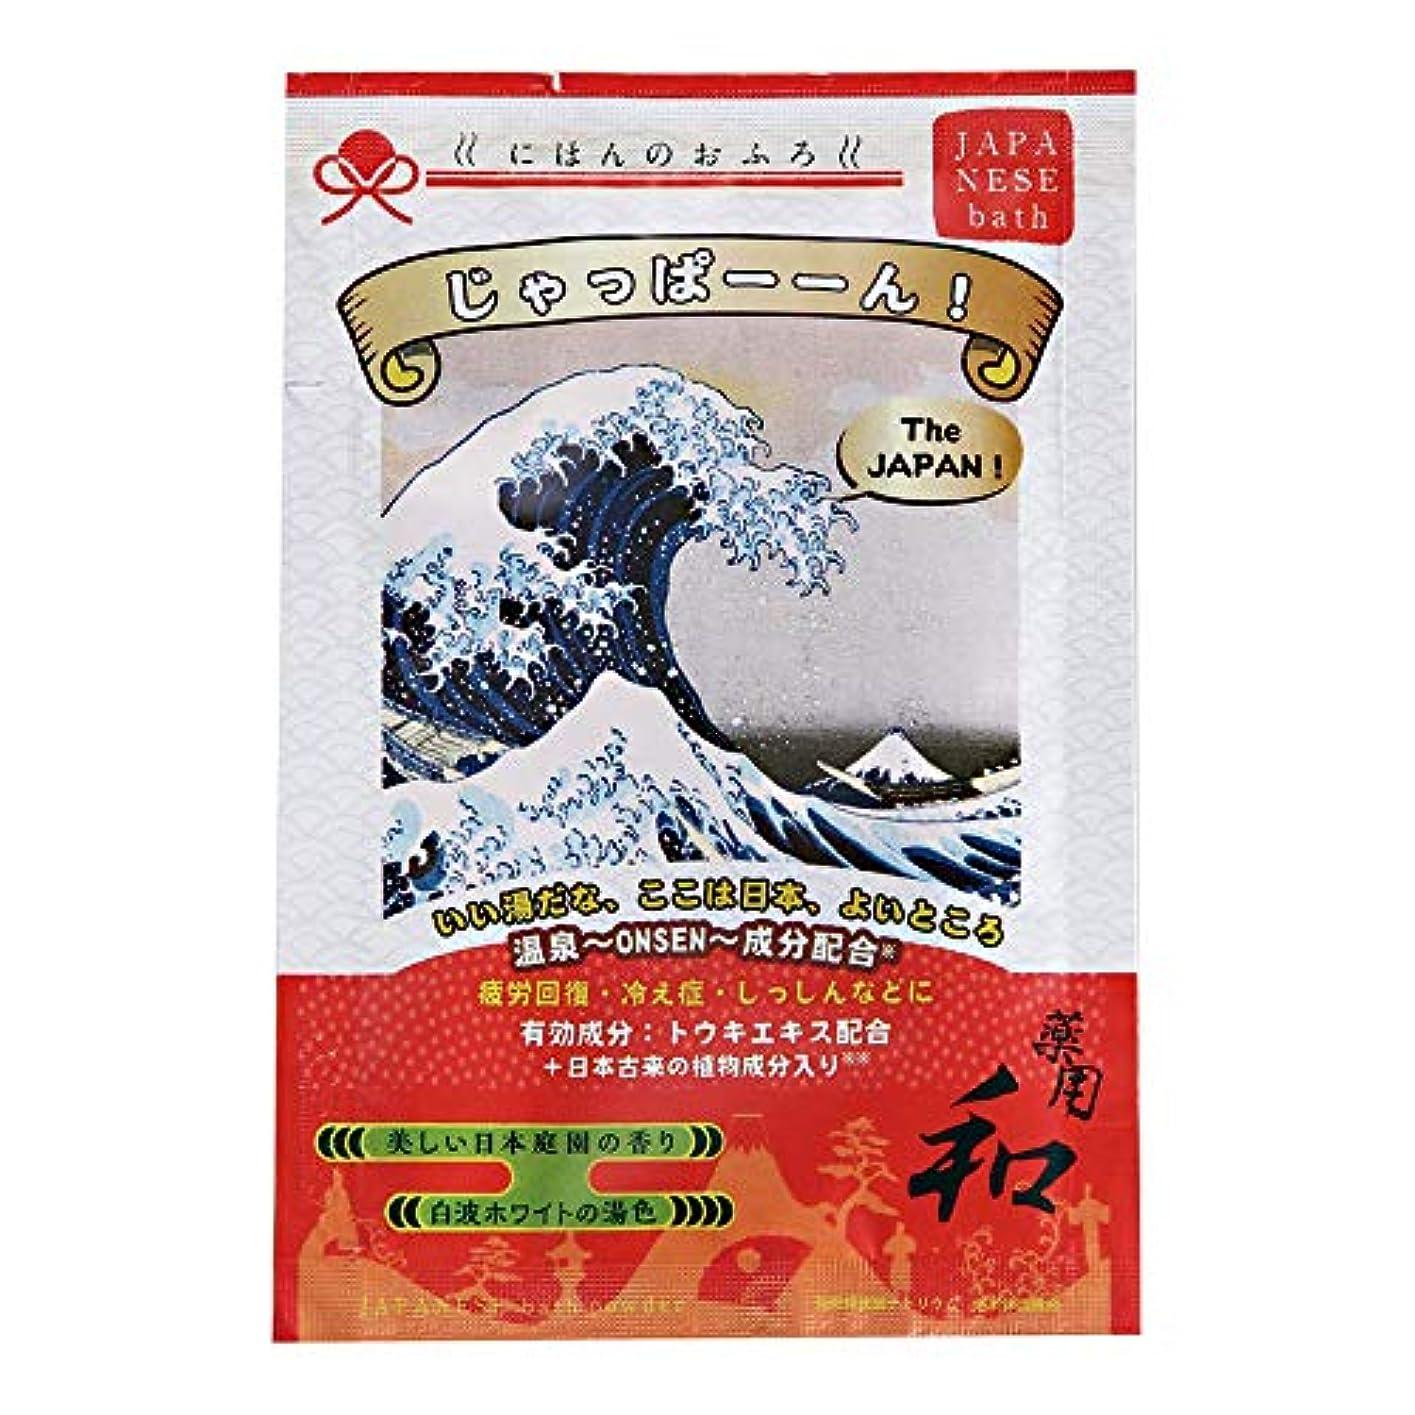 冷蔵庫姪反論にほんのおふろ じゃっぱーーん 美しい日本庭園の香り 25g